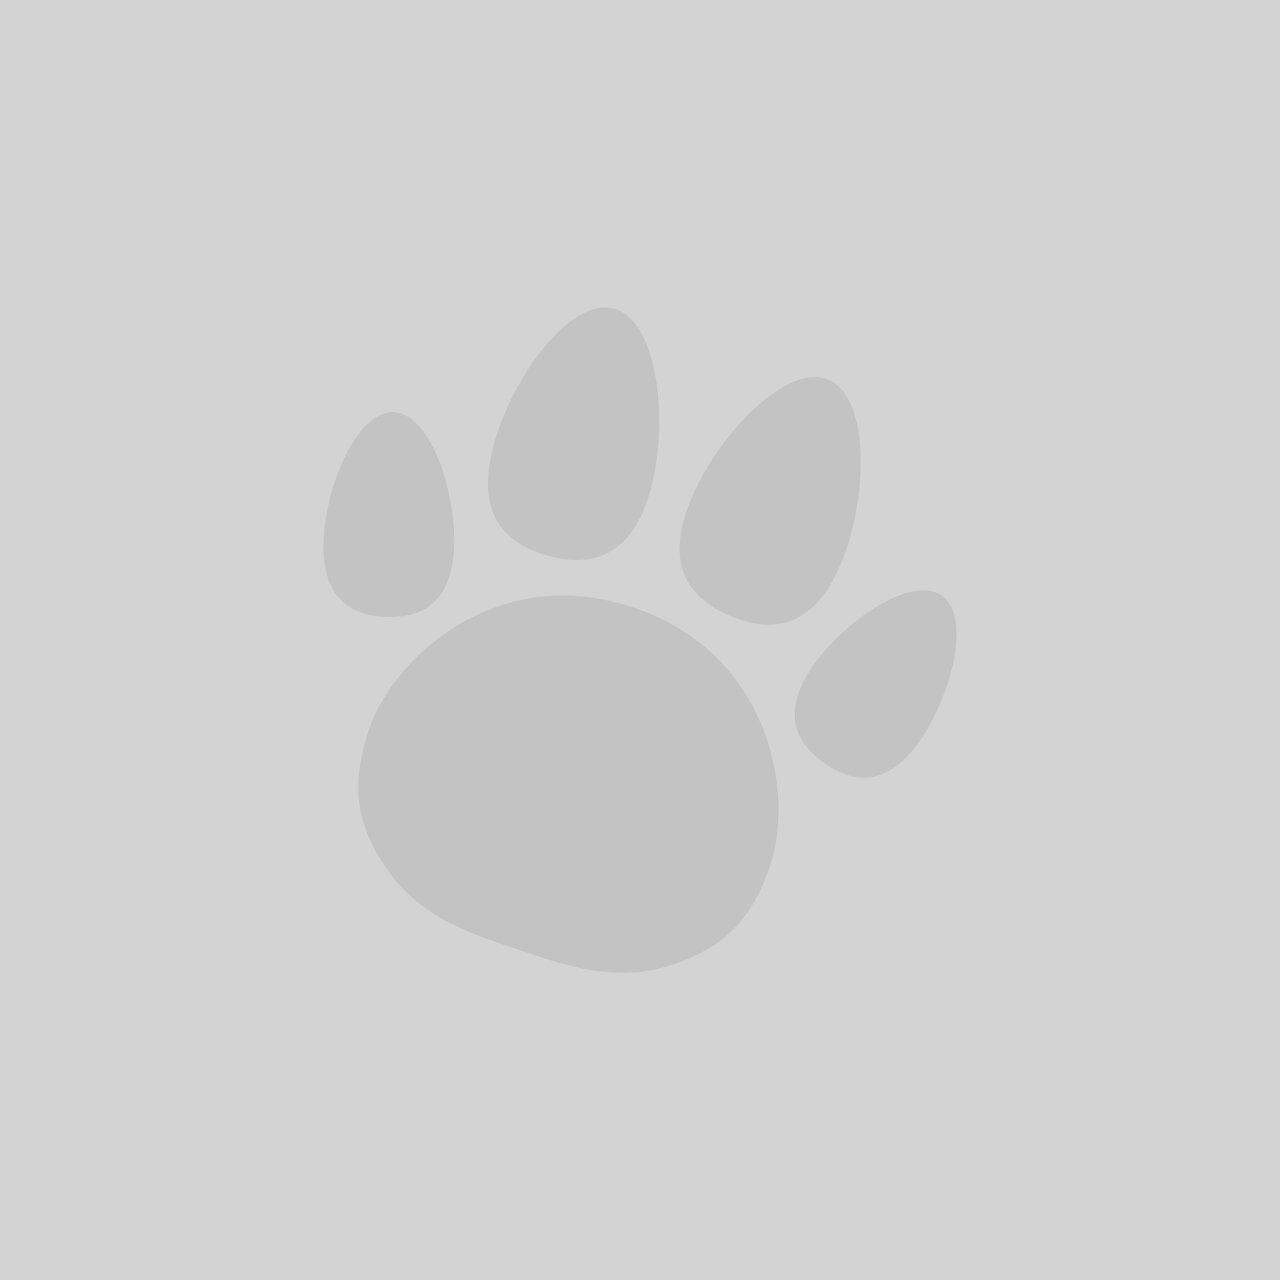 Doodlebone Airmesh Dog Harness Teal (size options)